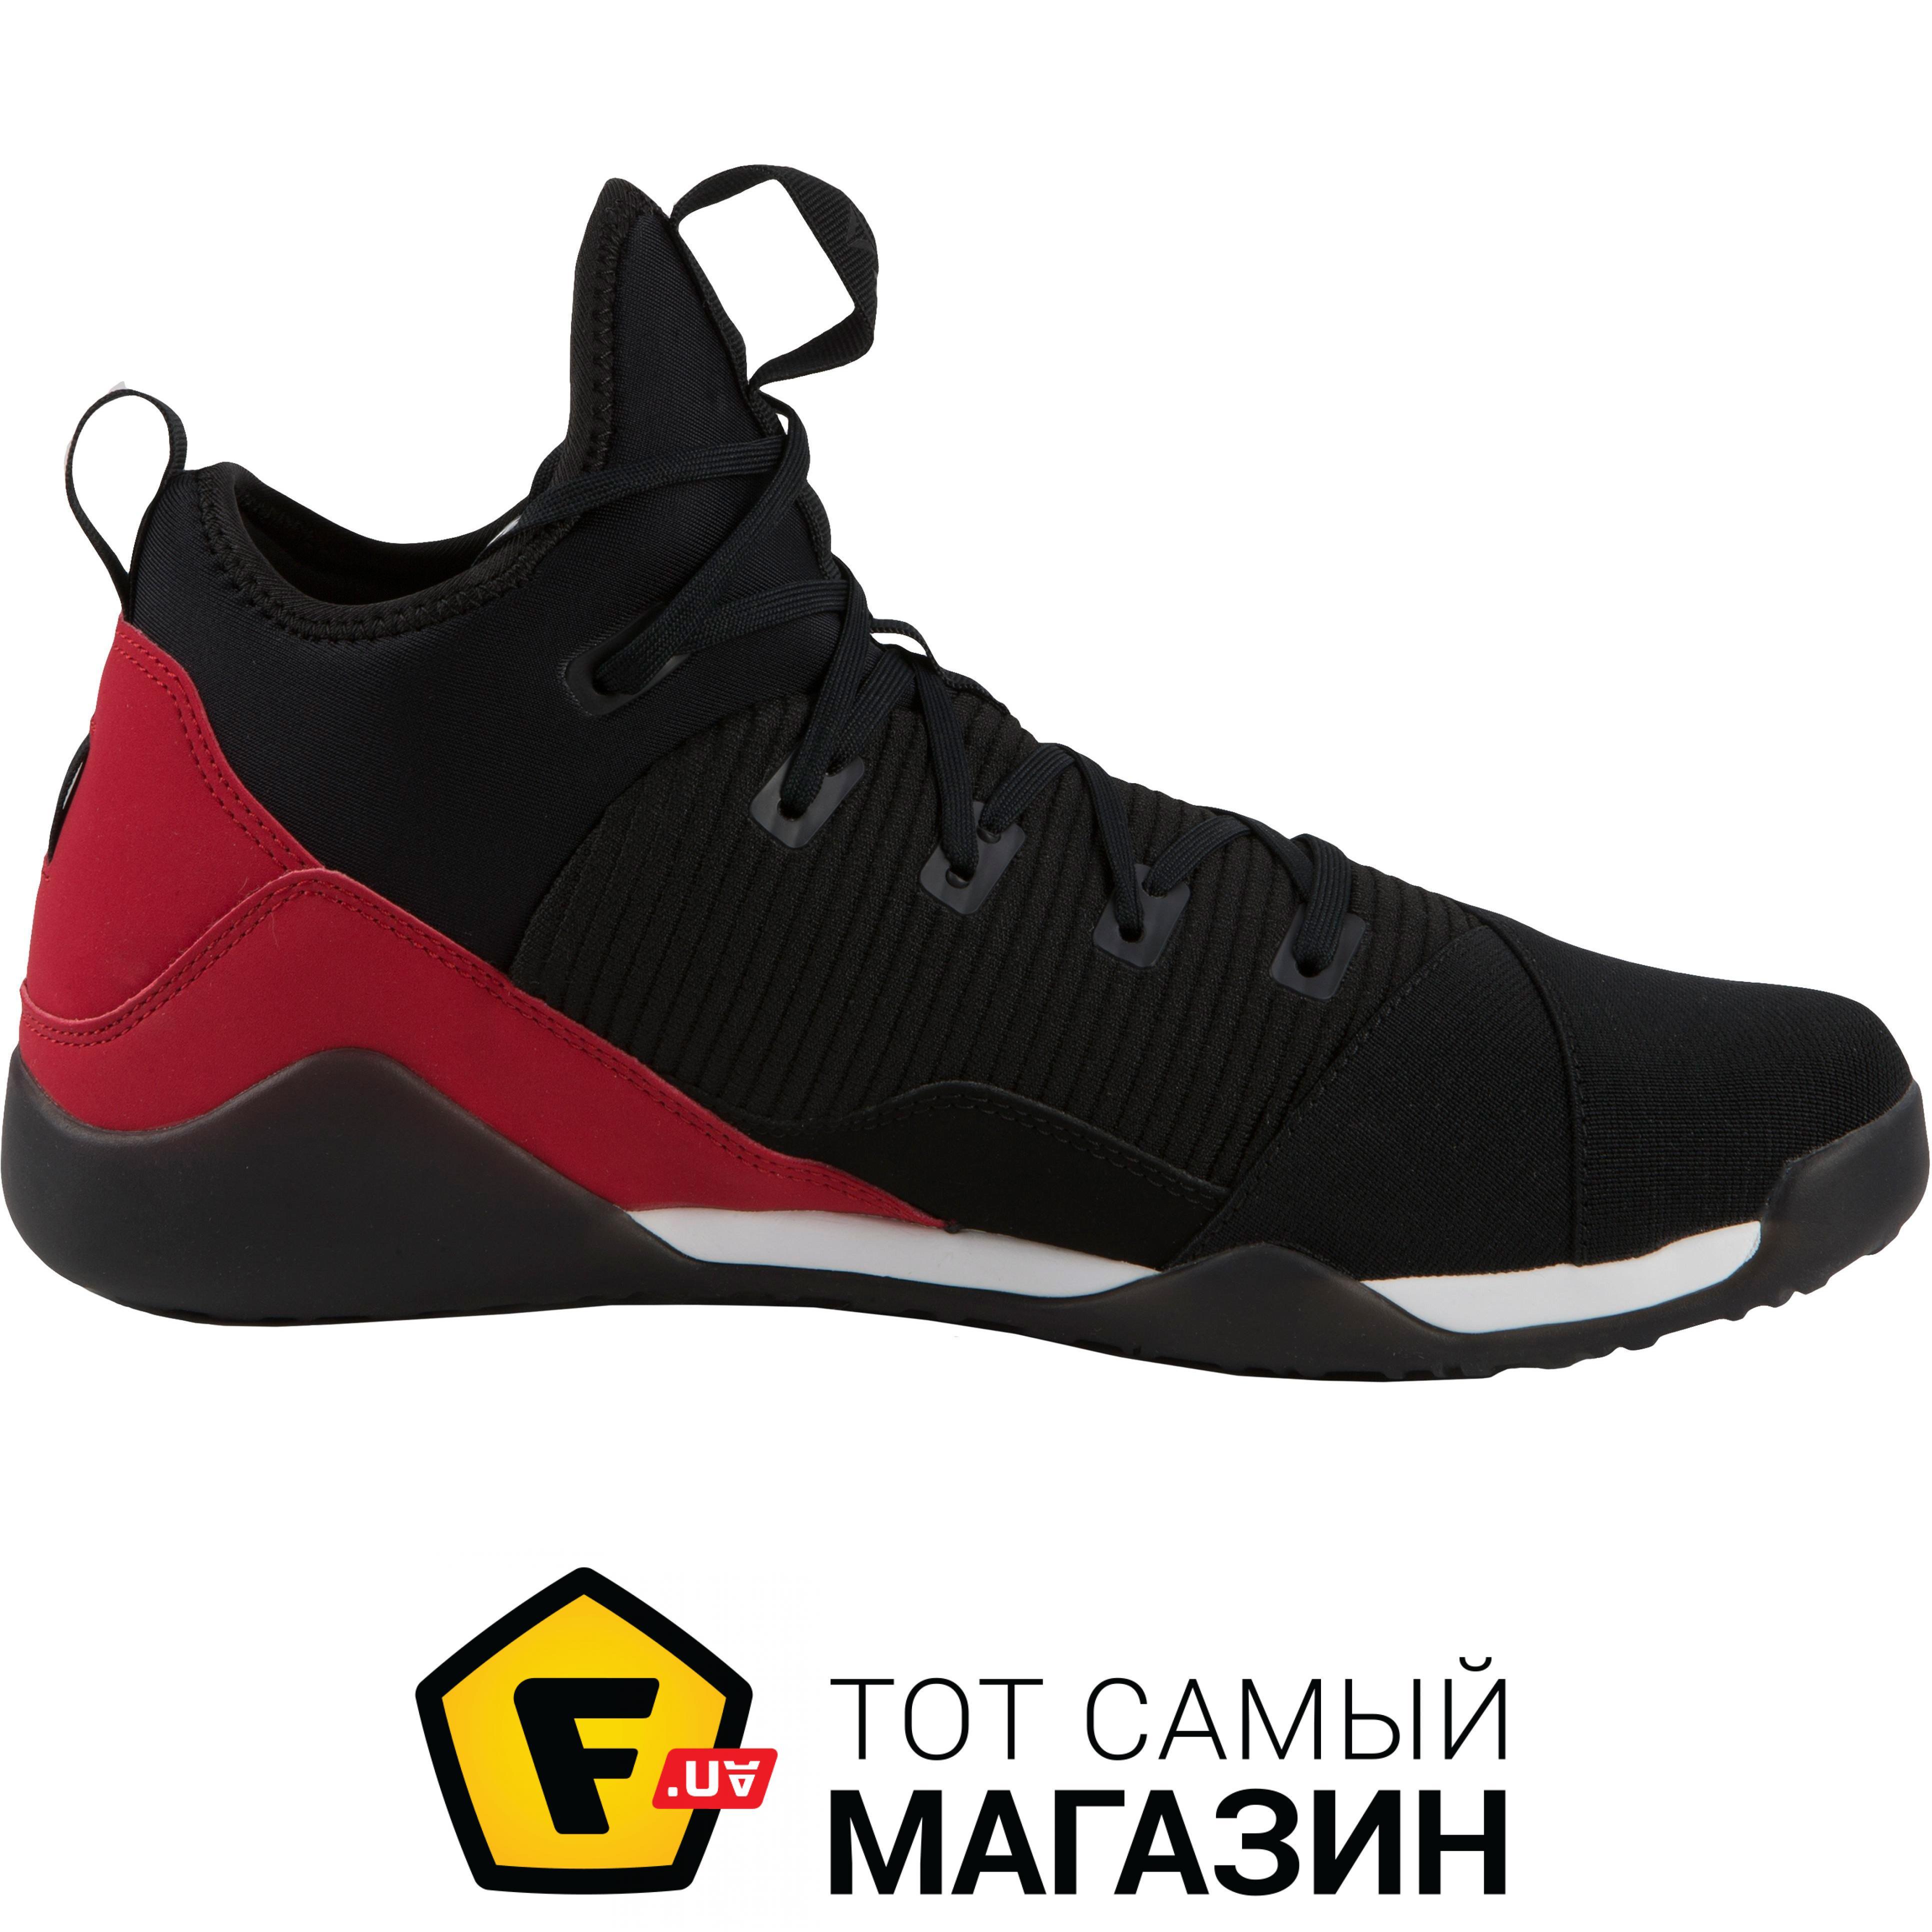 7034b9c4885878 Reebok Combat Noble Mid Boxers 42.5, черный/красный (REBD2) Размер EU: